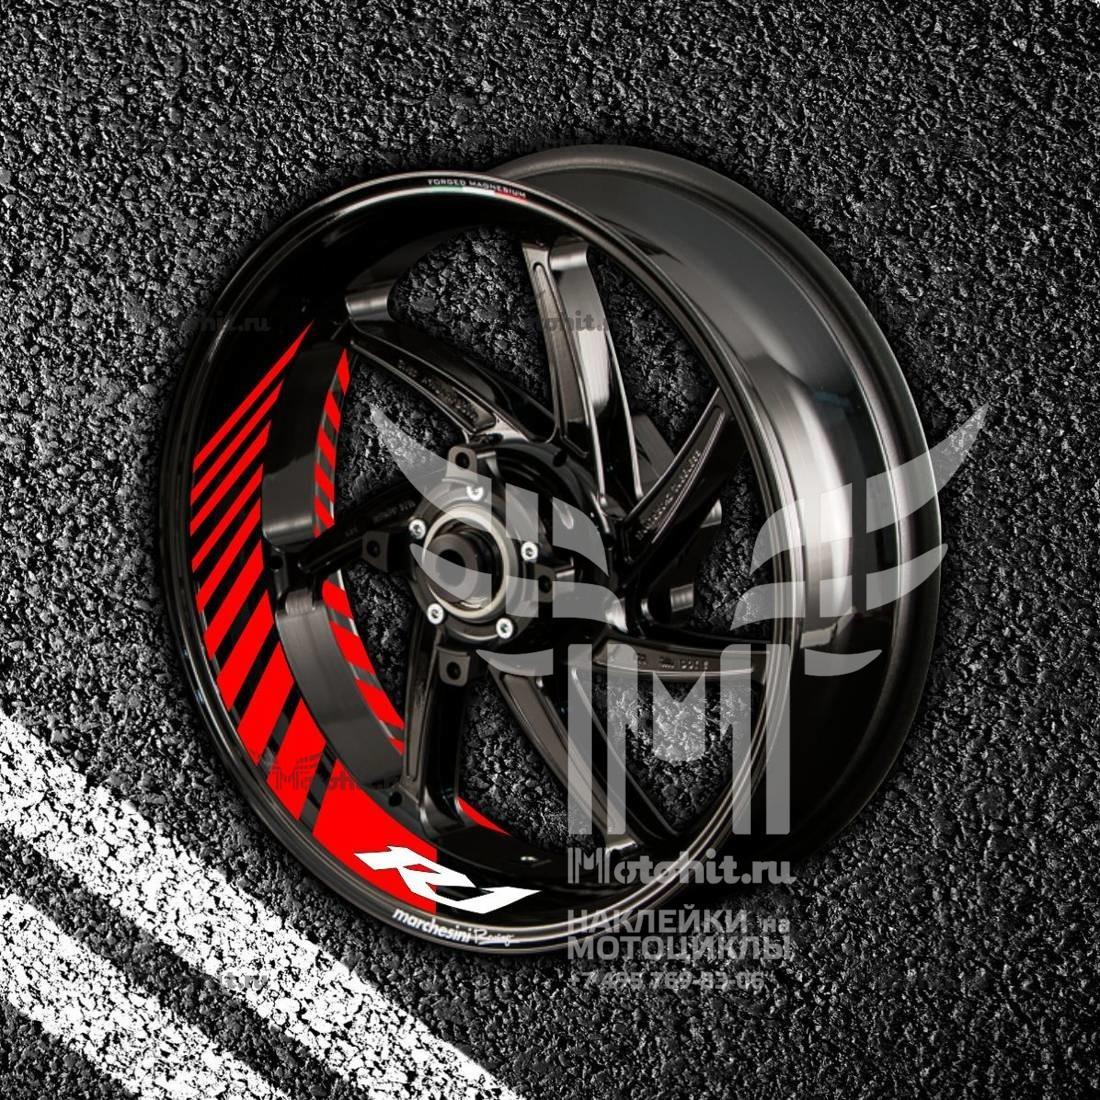 Комплект наклеек с полосами на колеса мотоцикла YAMAHA R1